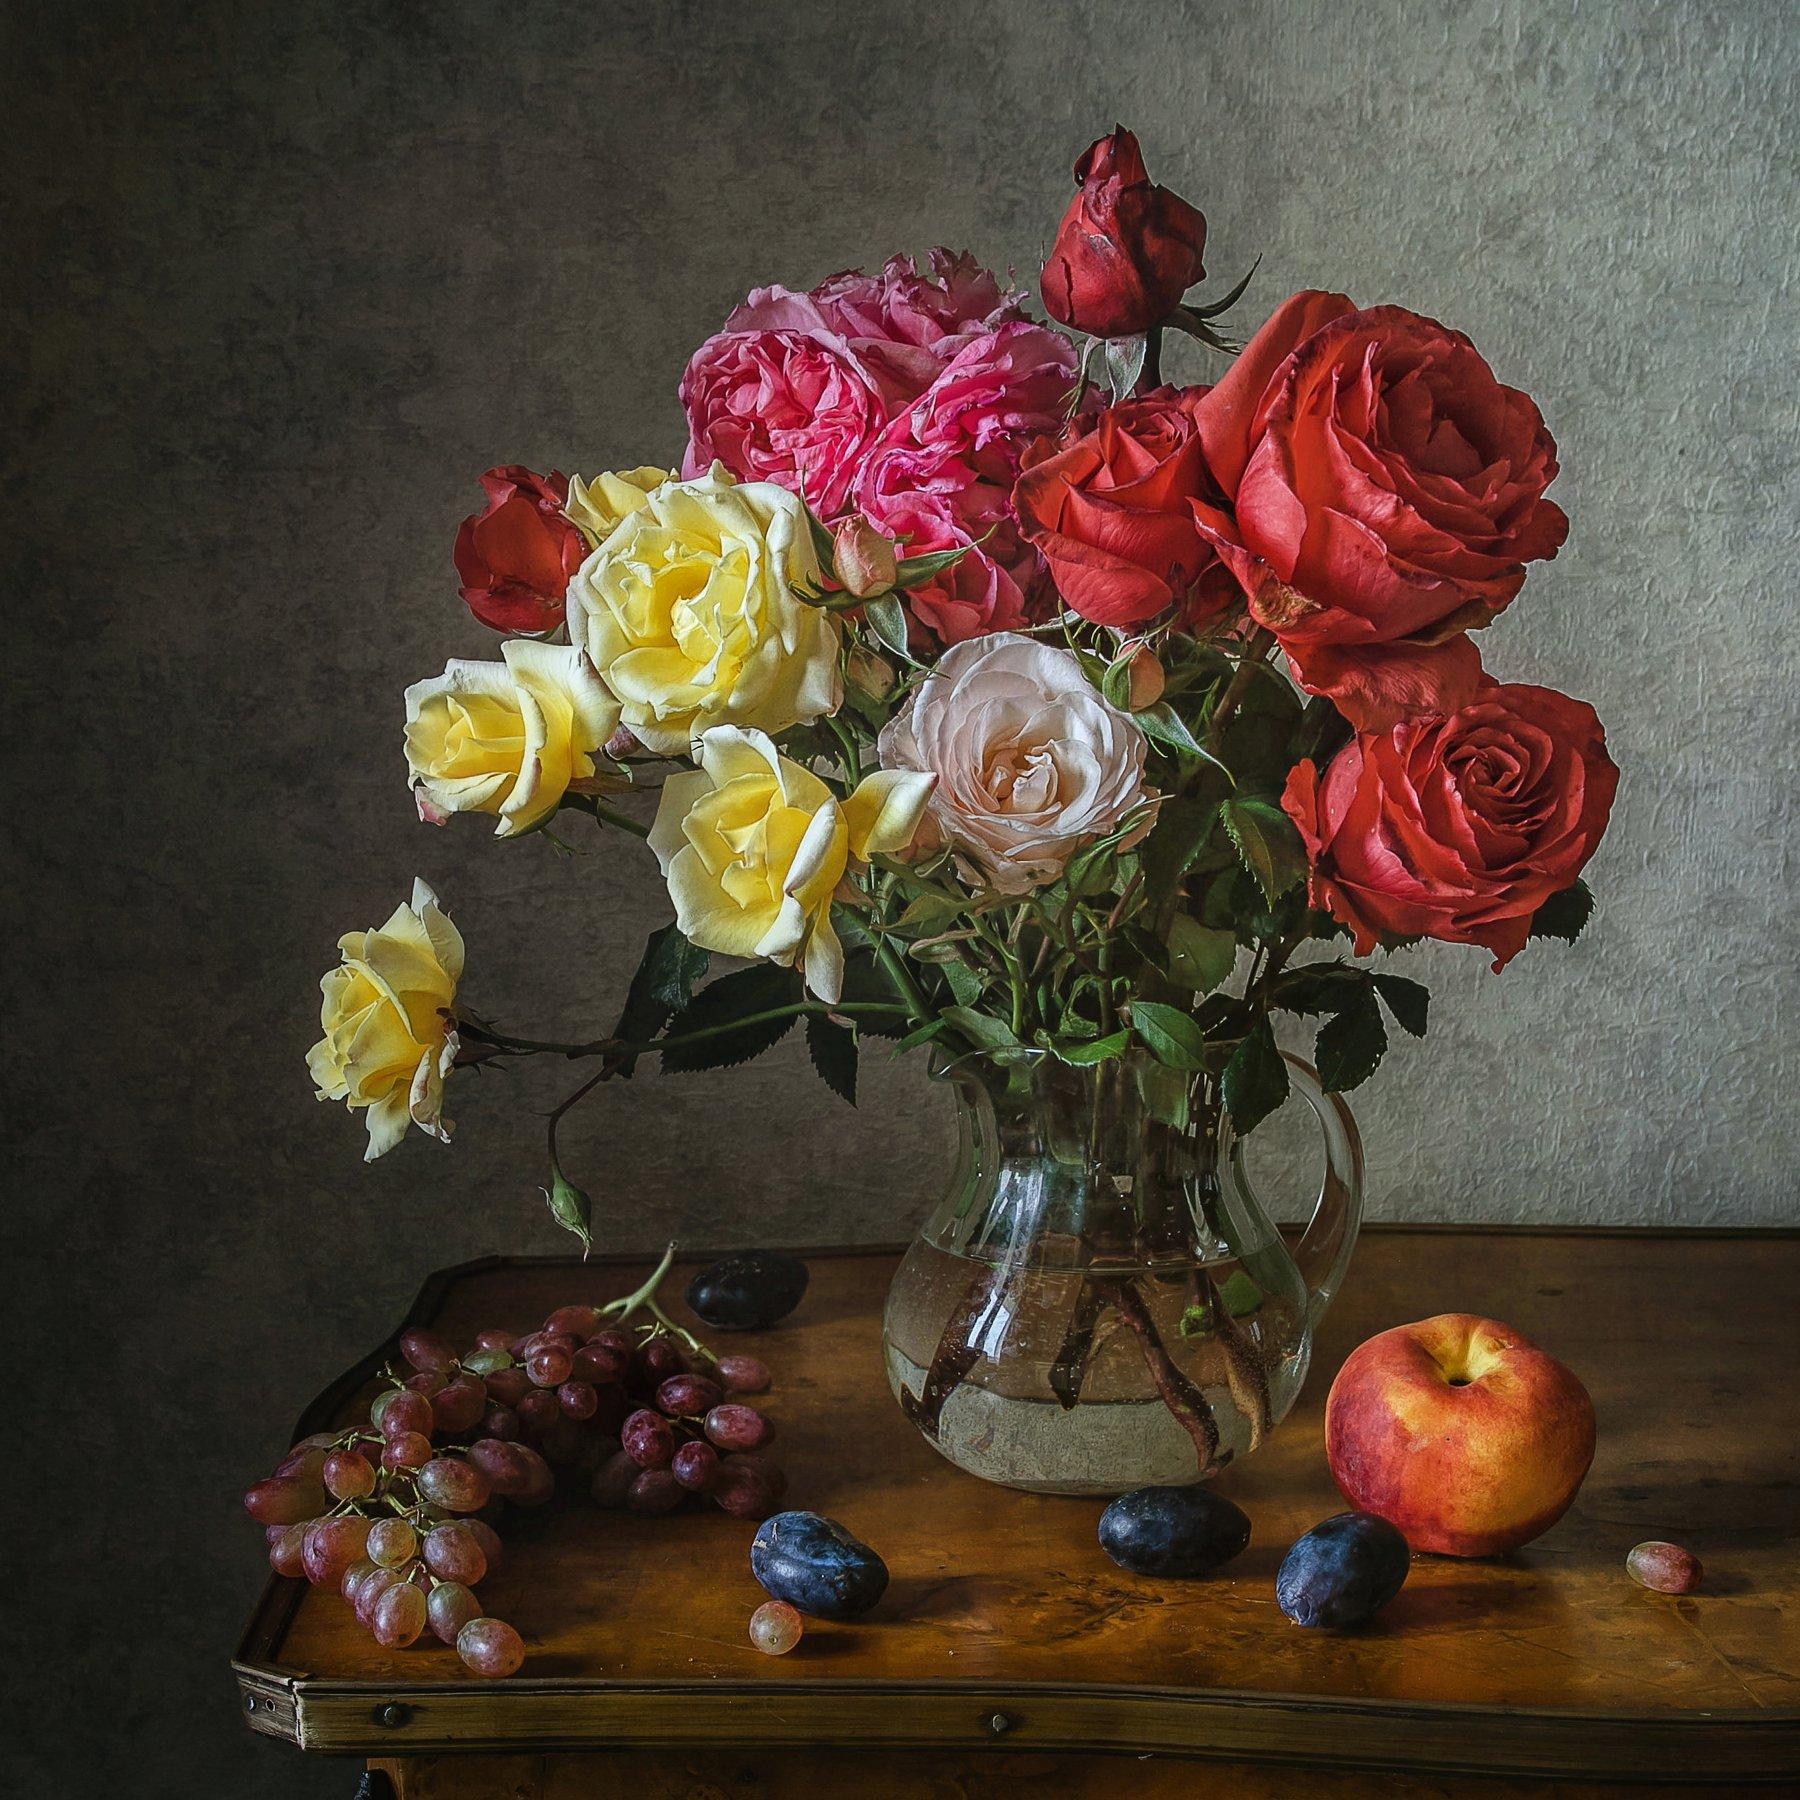 натюрморт, стекло, кувшин, цветы, розы, ягода, виноград, сливы, персик, Анна Петина